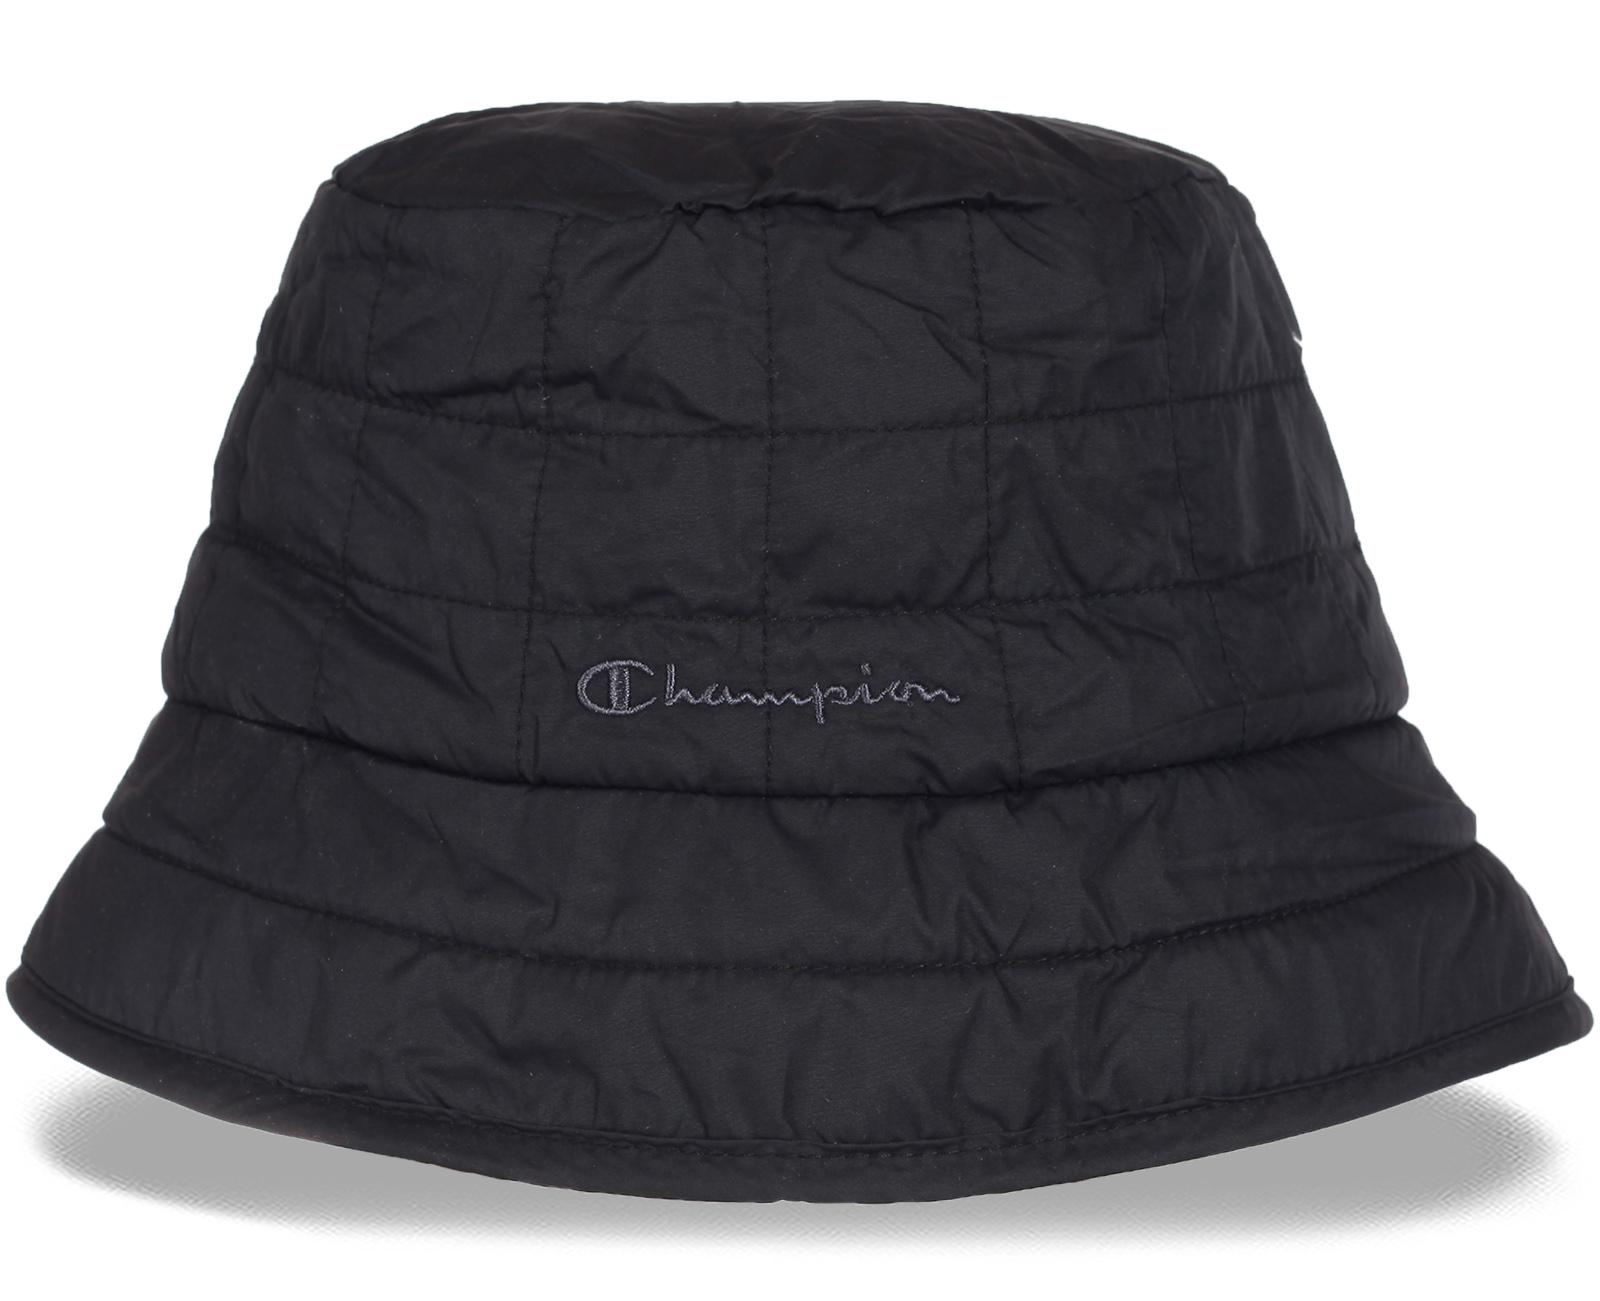 Новомодная шляпка Champion утепленная флисом. Трендовый аксессуар по невероятно привлекательной цене! Покупай не раздумывай!